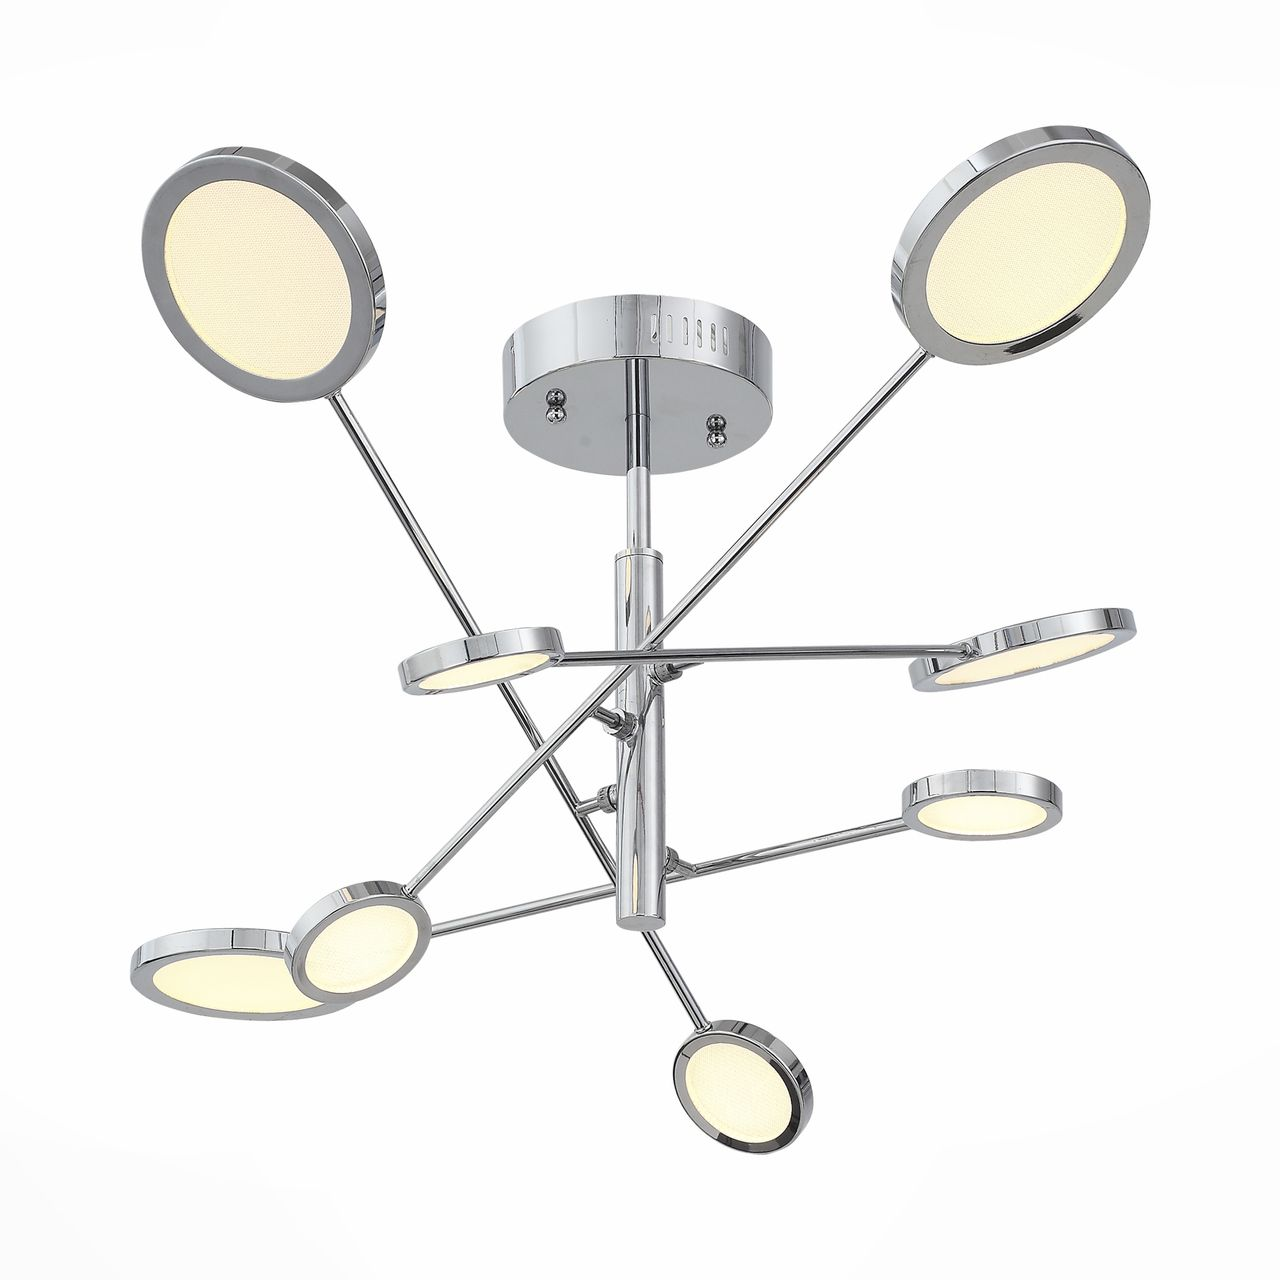 Купить Потолочная светодиодная люстра с пультом ду st Luce Gruppo в стиле хай-тек, inmyroom, Китай